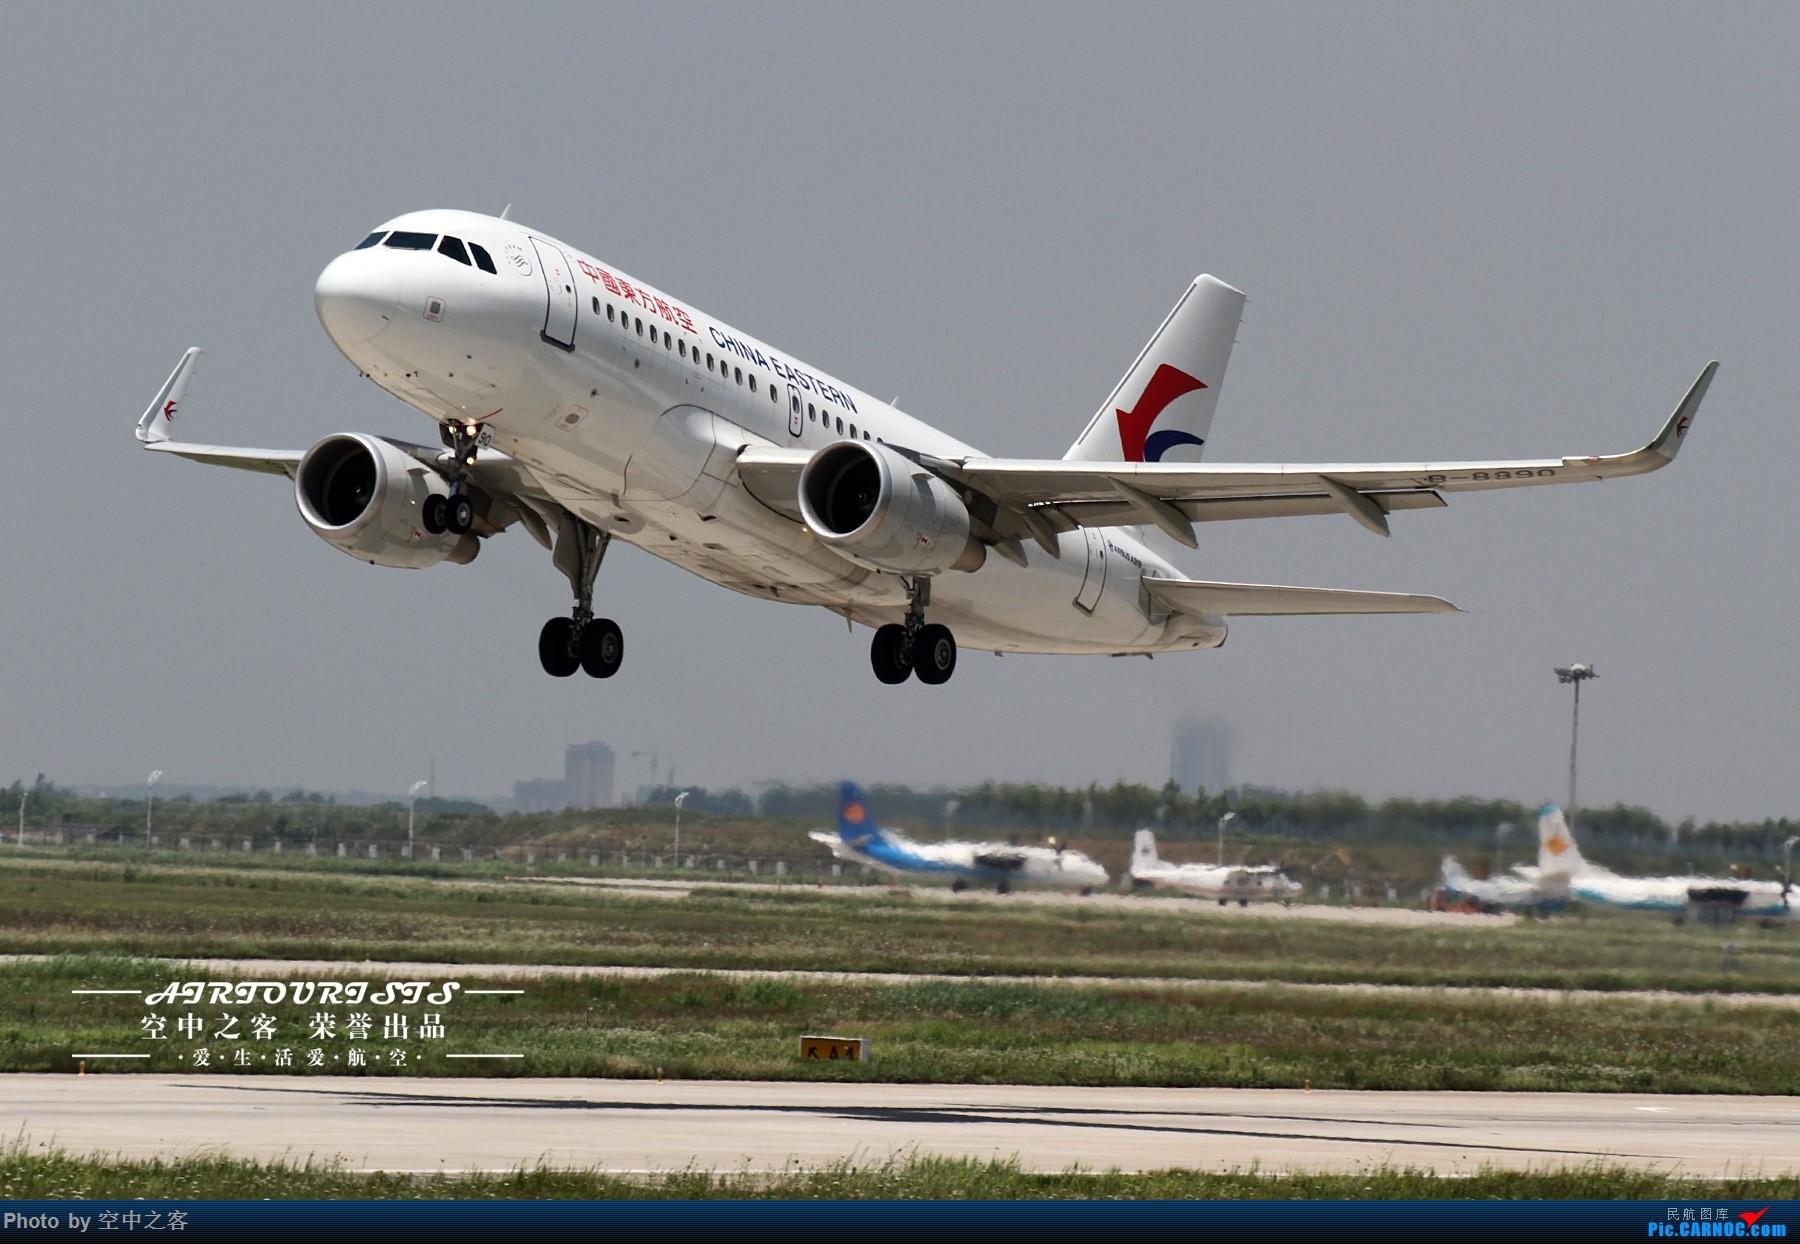 Re:[原创][合肥飞友会·霸都打机队 空中之客出品]少有的周末大晴天 来一场说走就走的拍机(1) AIRBUS A319-100 B-8390 合肥新桥国际机场